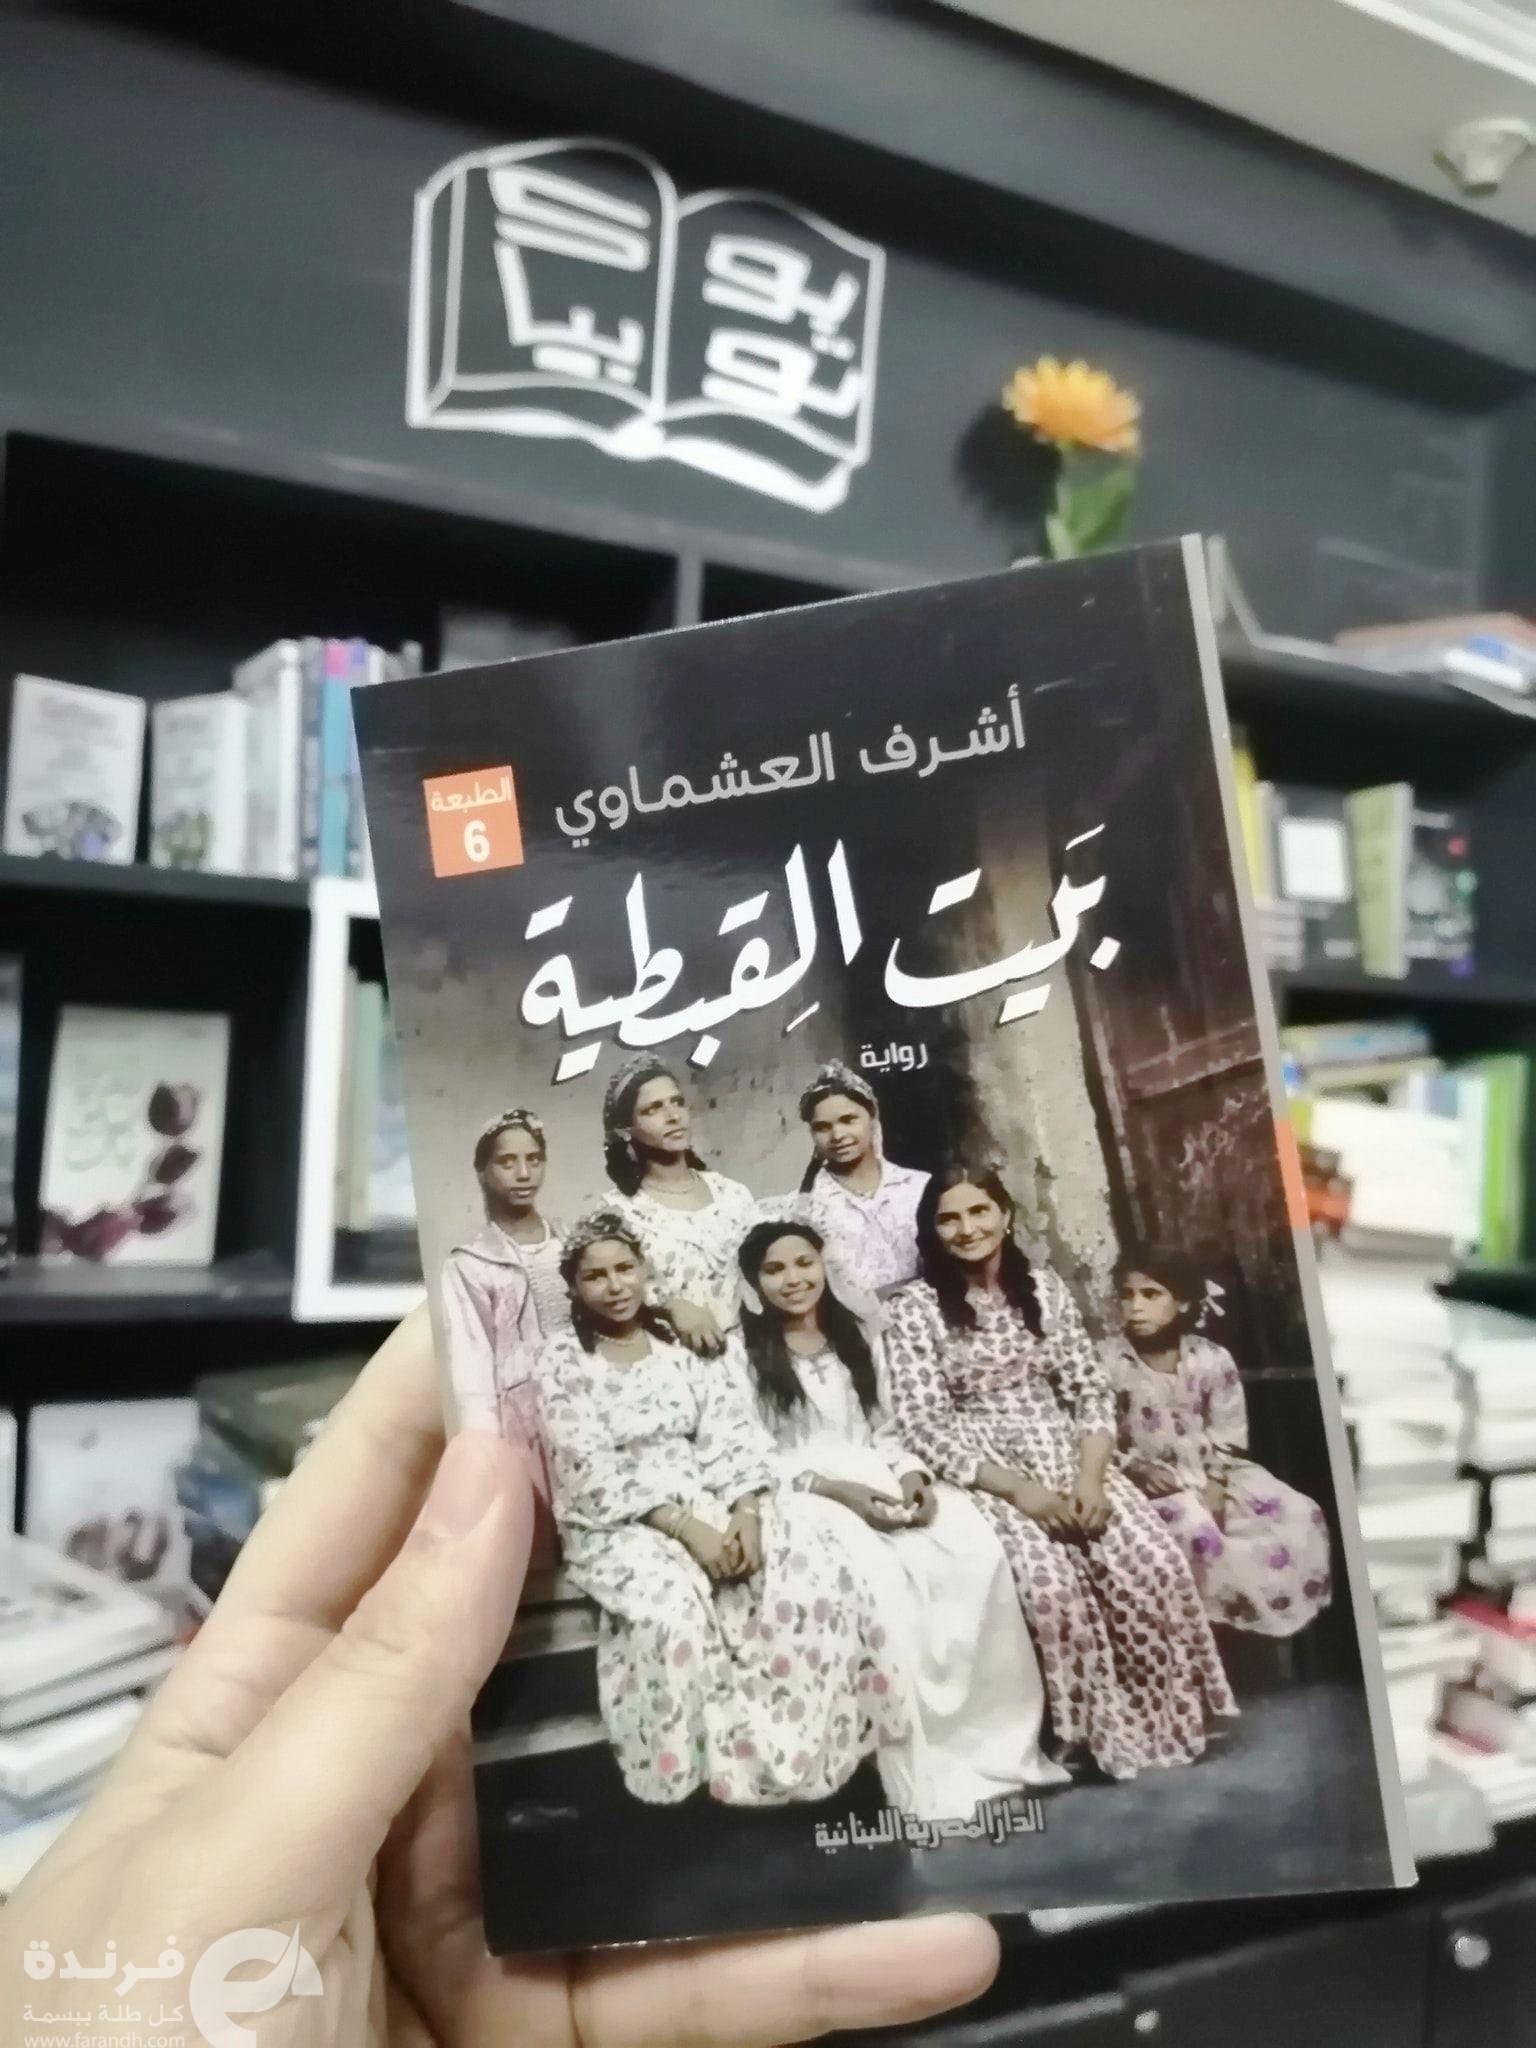 رواية بيت القبطية أشرف العشماوي pdf